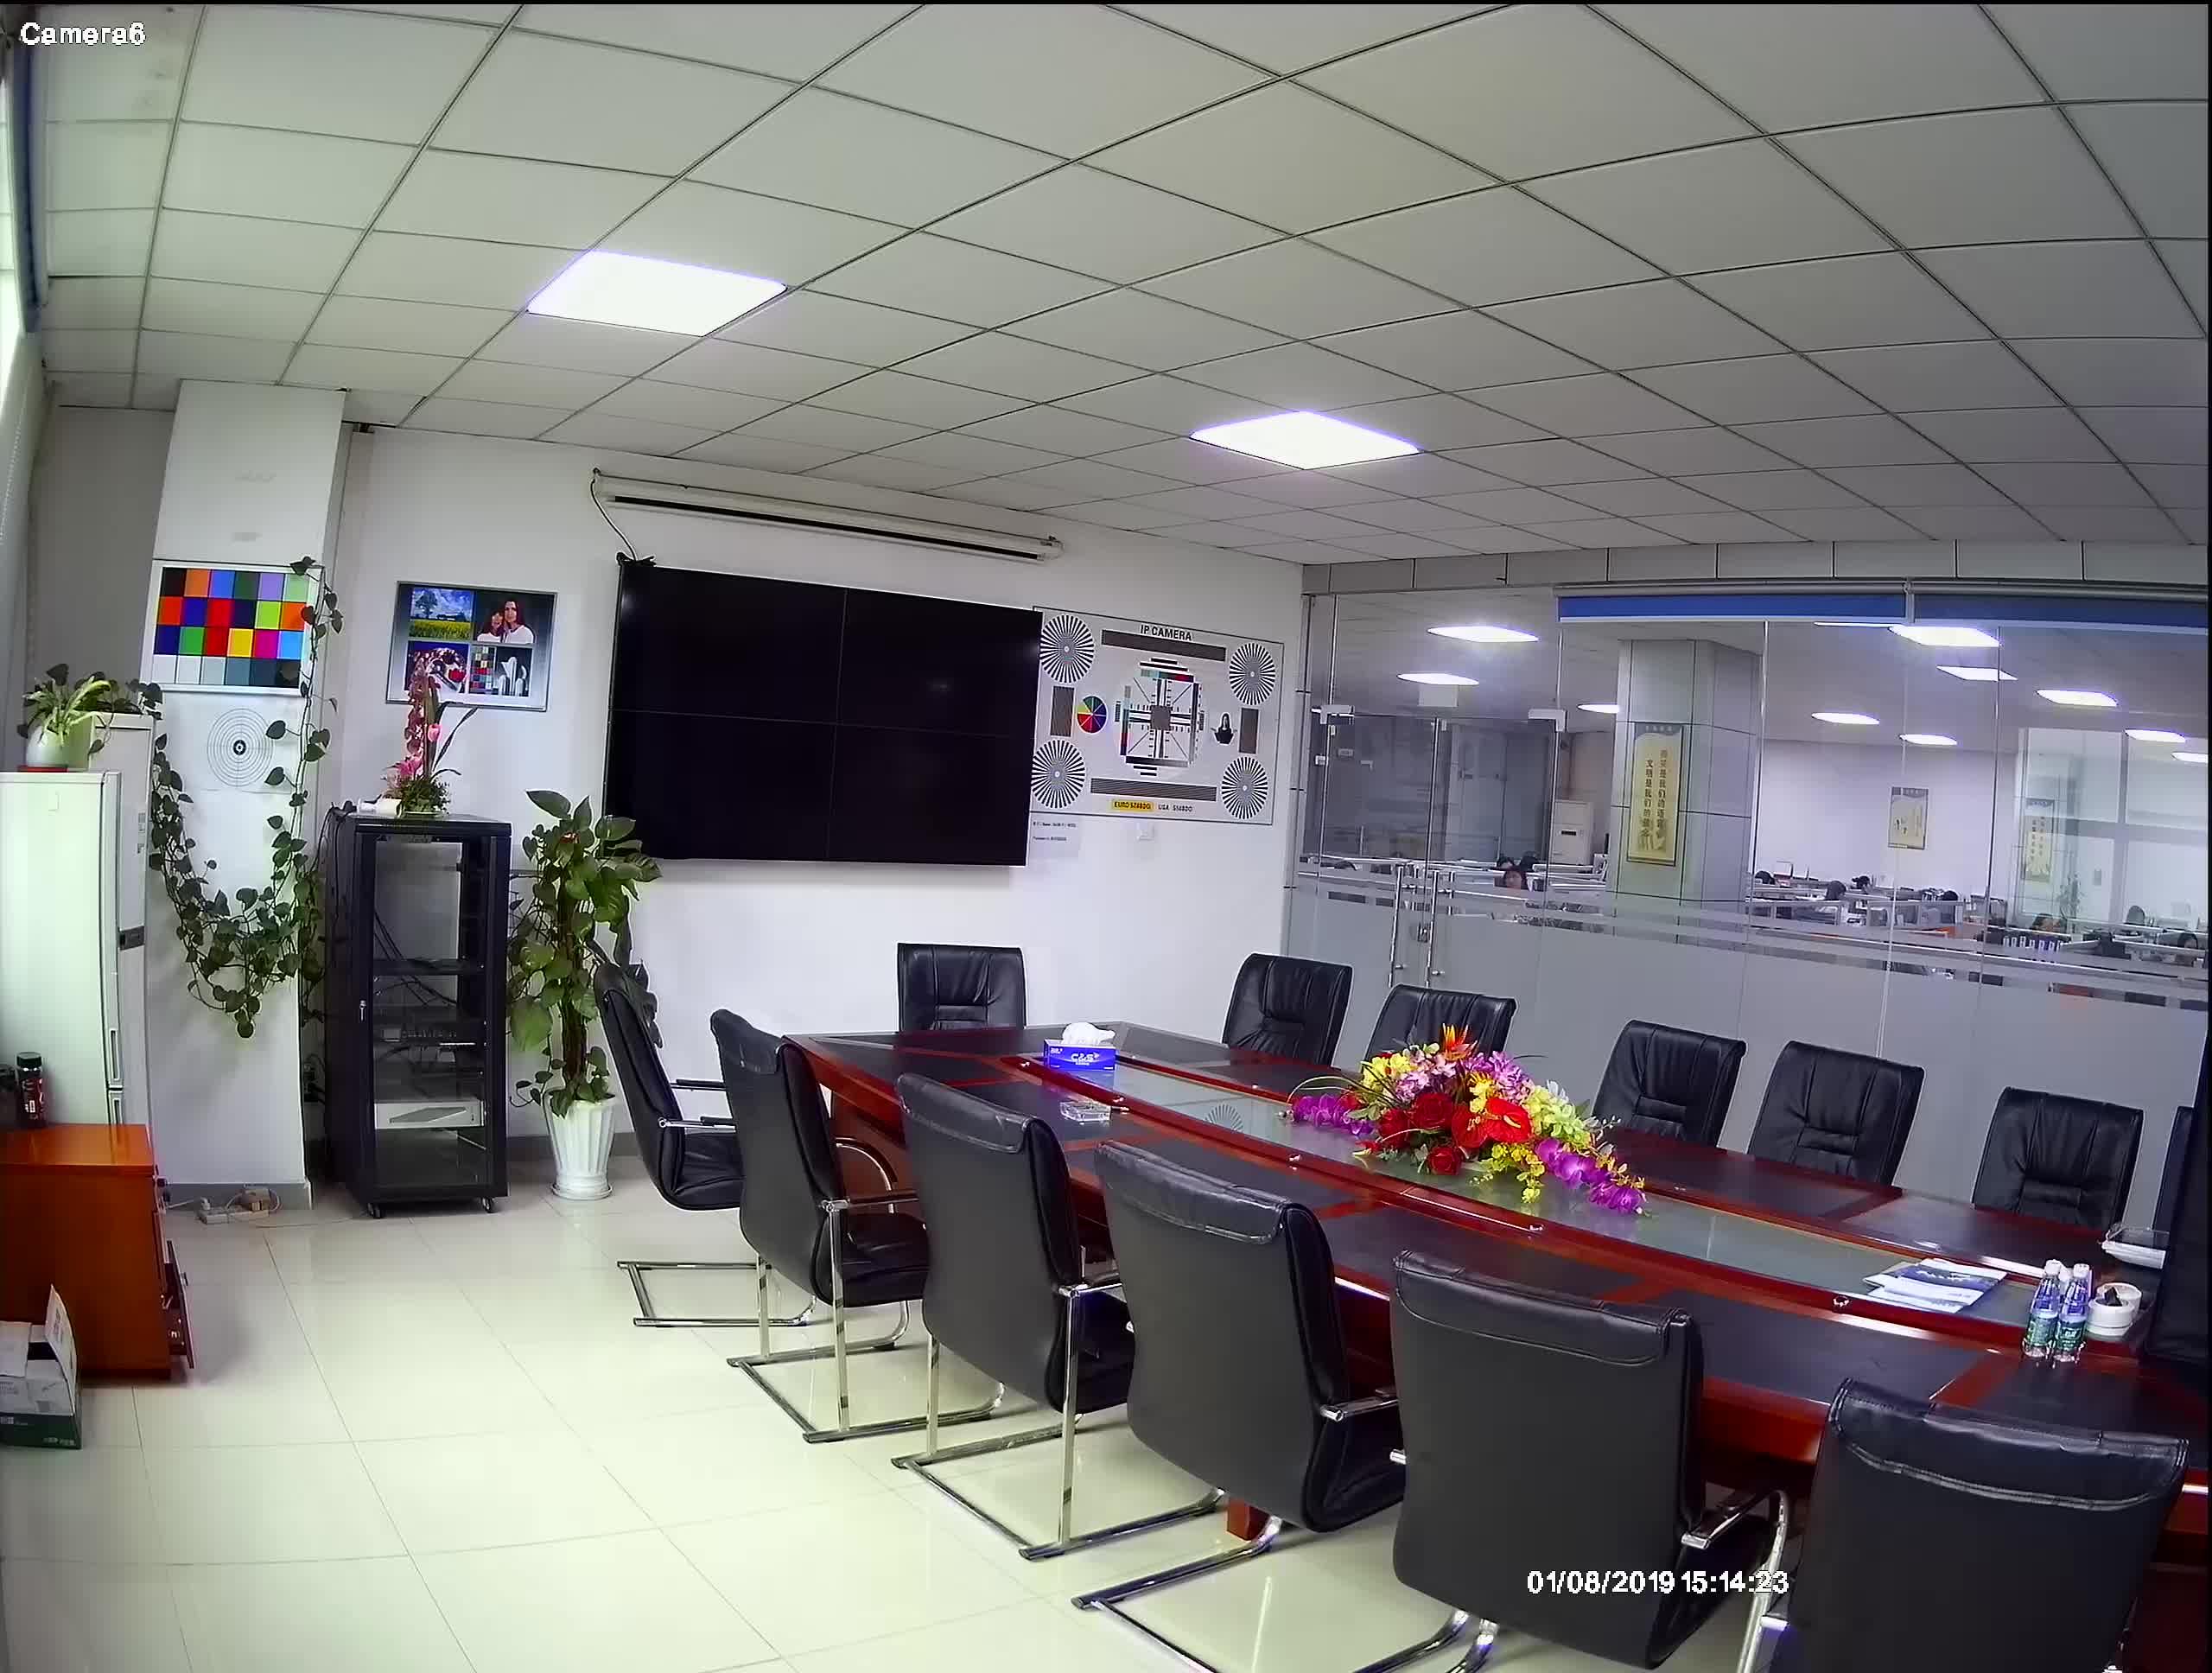 KITS de caméras de vidéosurveillance sans fil wifi, de 2mp, WF-9304BLEA p, 4CH, LCD NVR, 1080 pouces, approuvé FCC, 12.5 CE